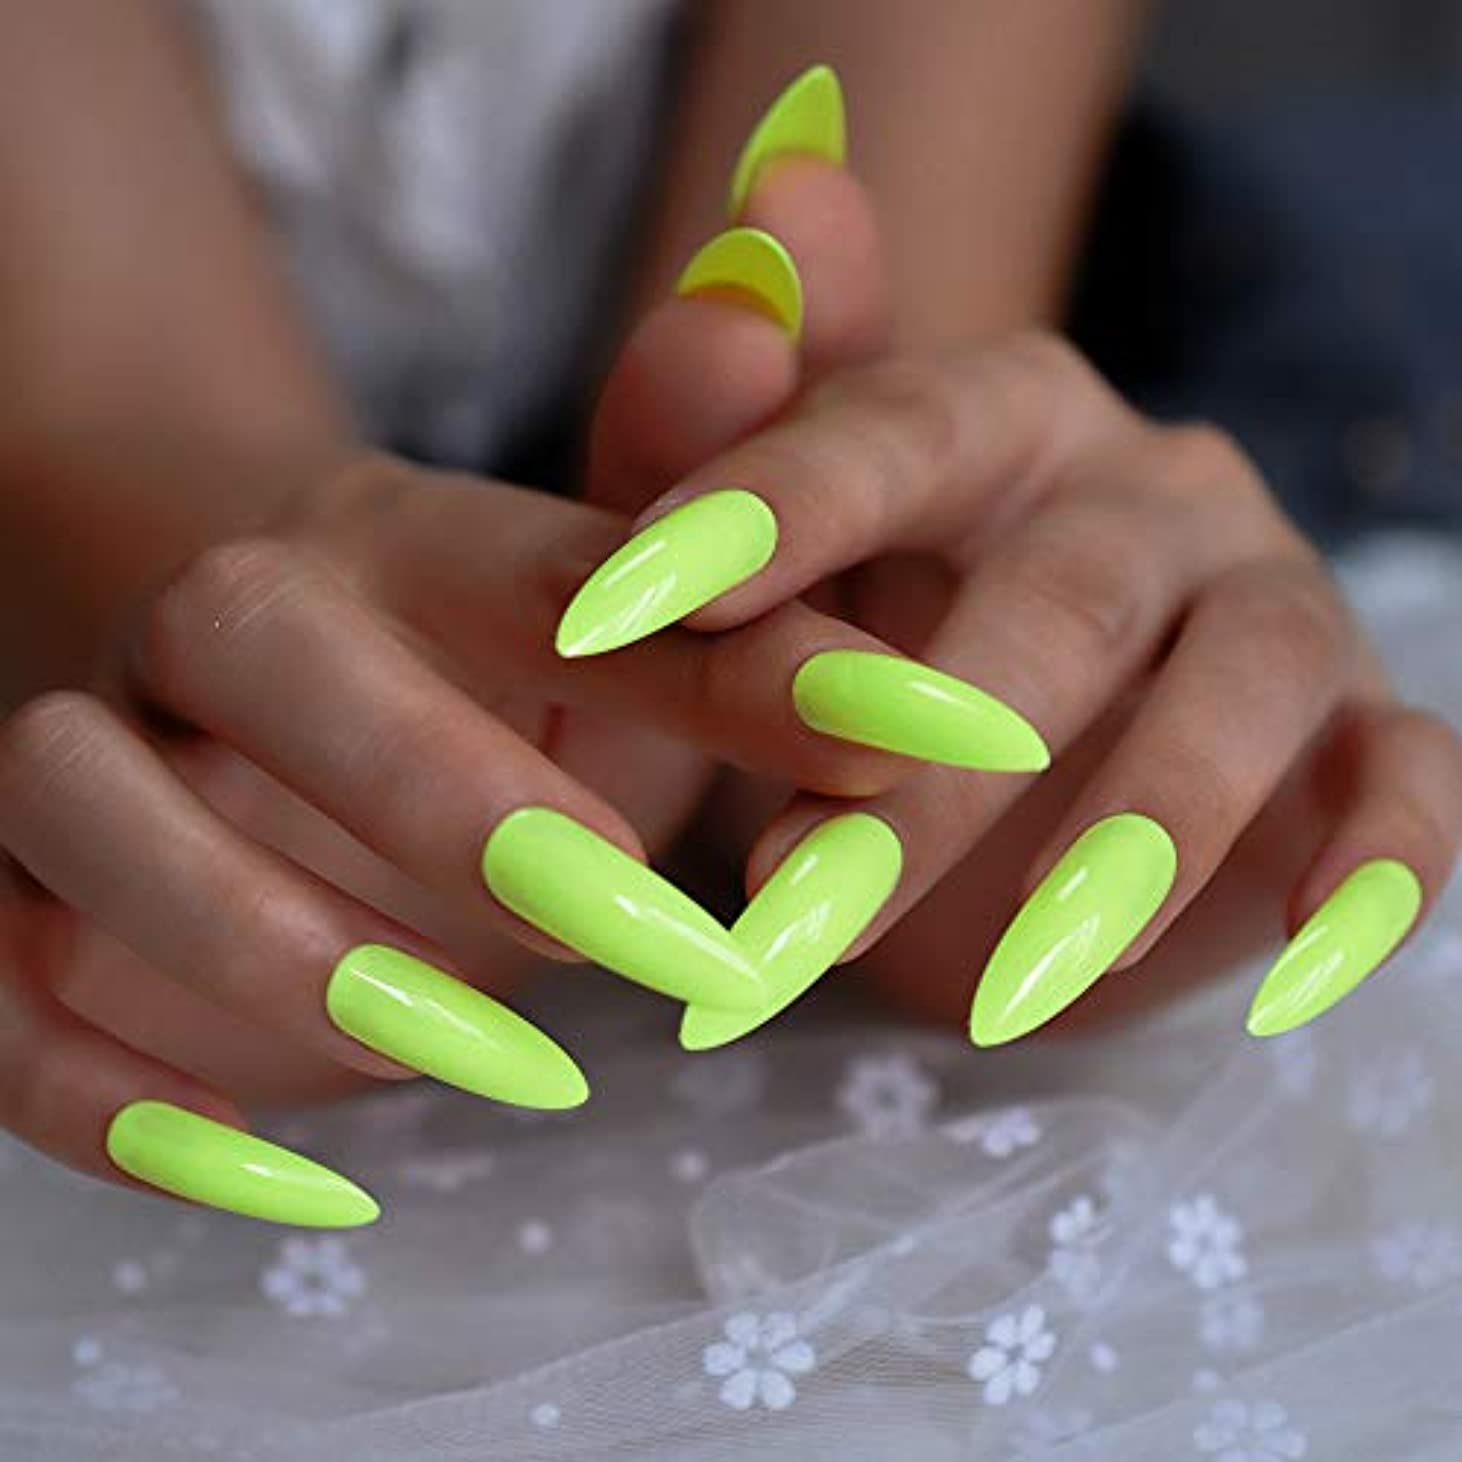 とてもタールたまにXUTXZKA 偽の指の爪に余分な長い指を指すグリーンプレス